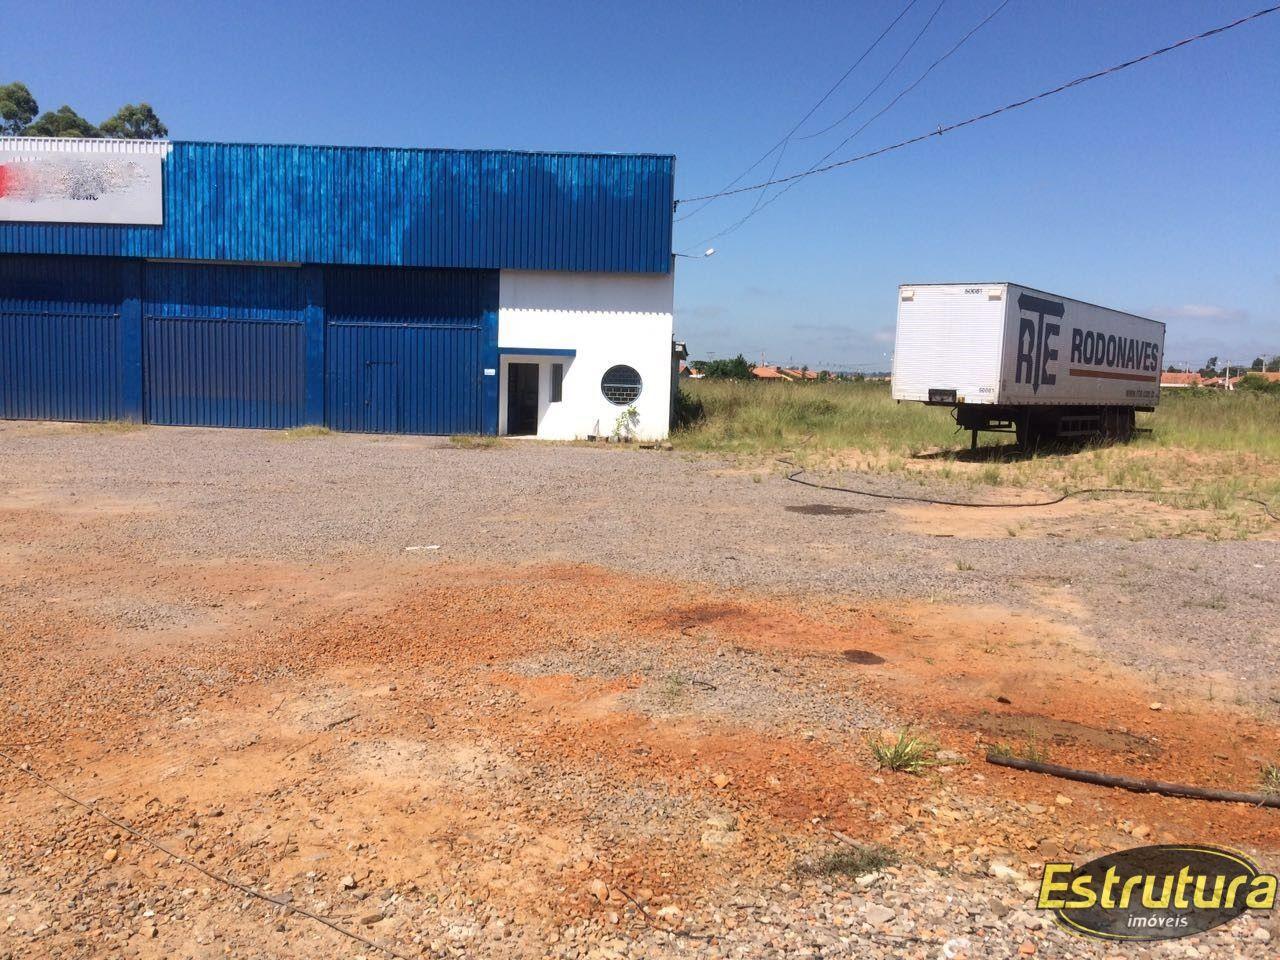 Pavilhão/galpão/depósito à venda, 700 m² por R$ 2.500.000,00